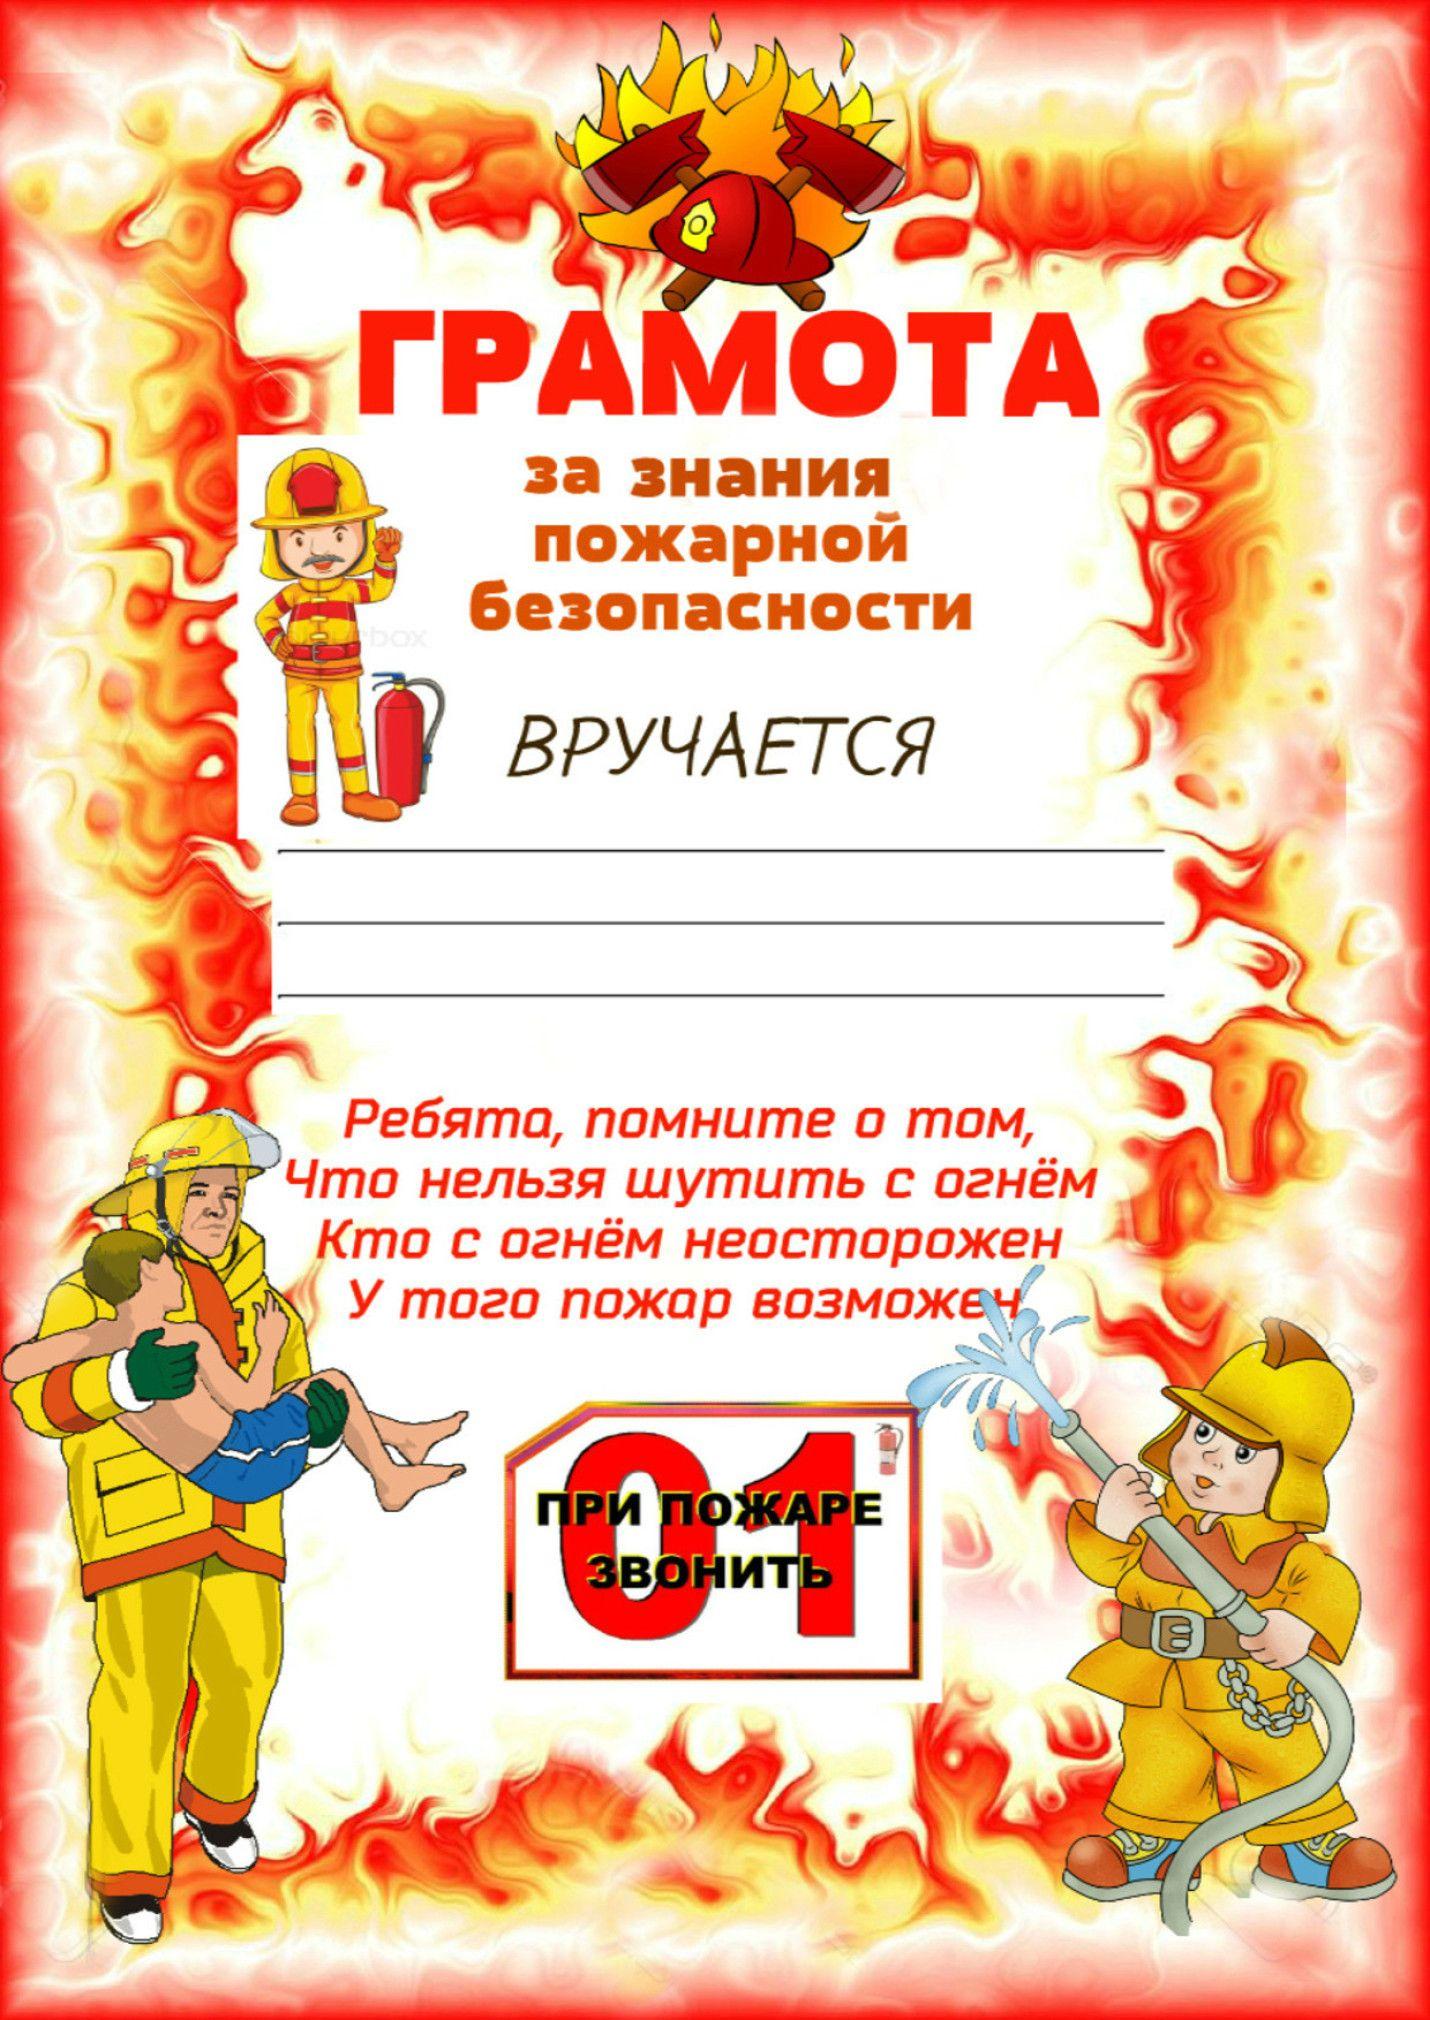 Грамота для детей пожарная безопасность образец 1 фото